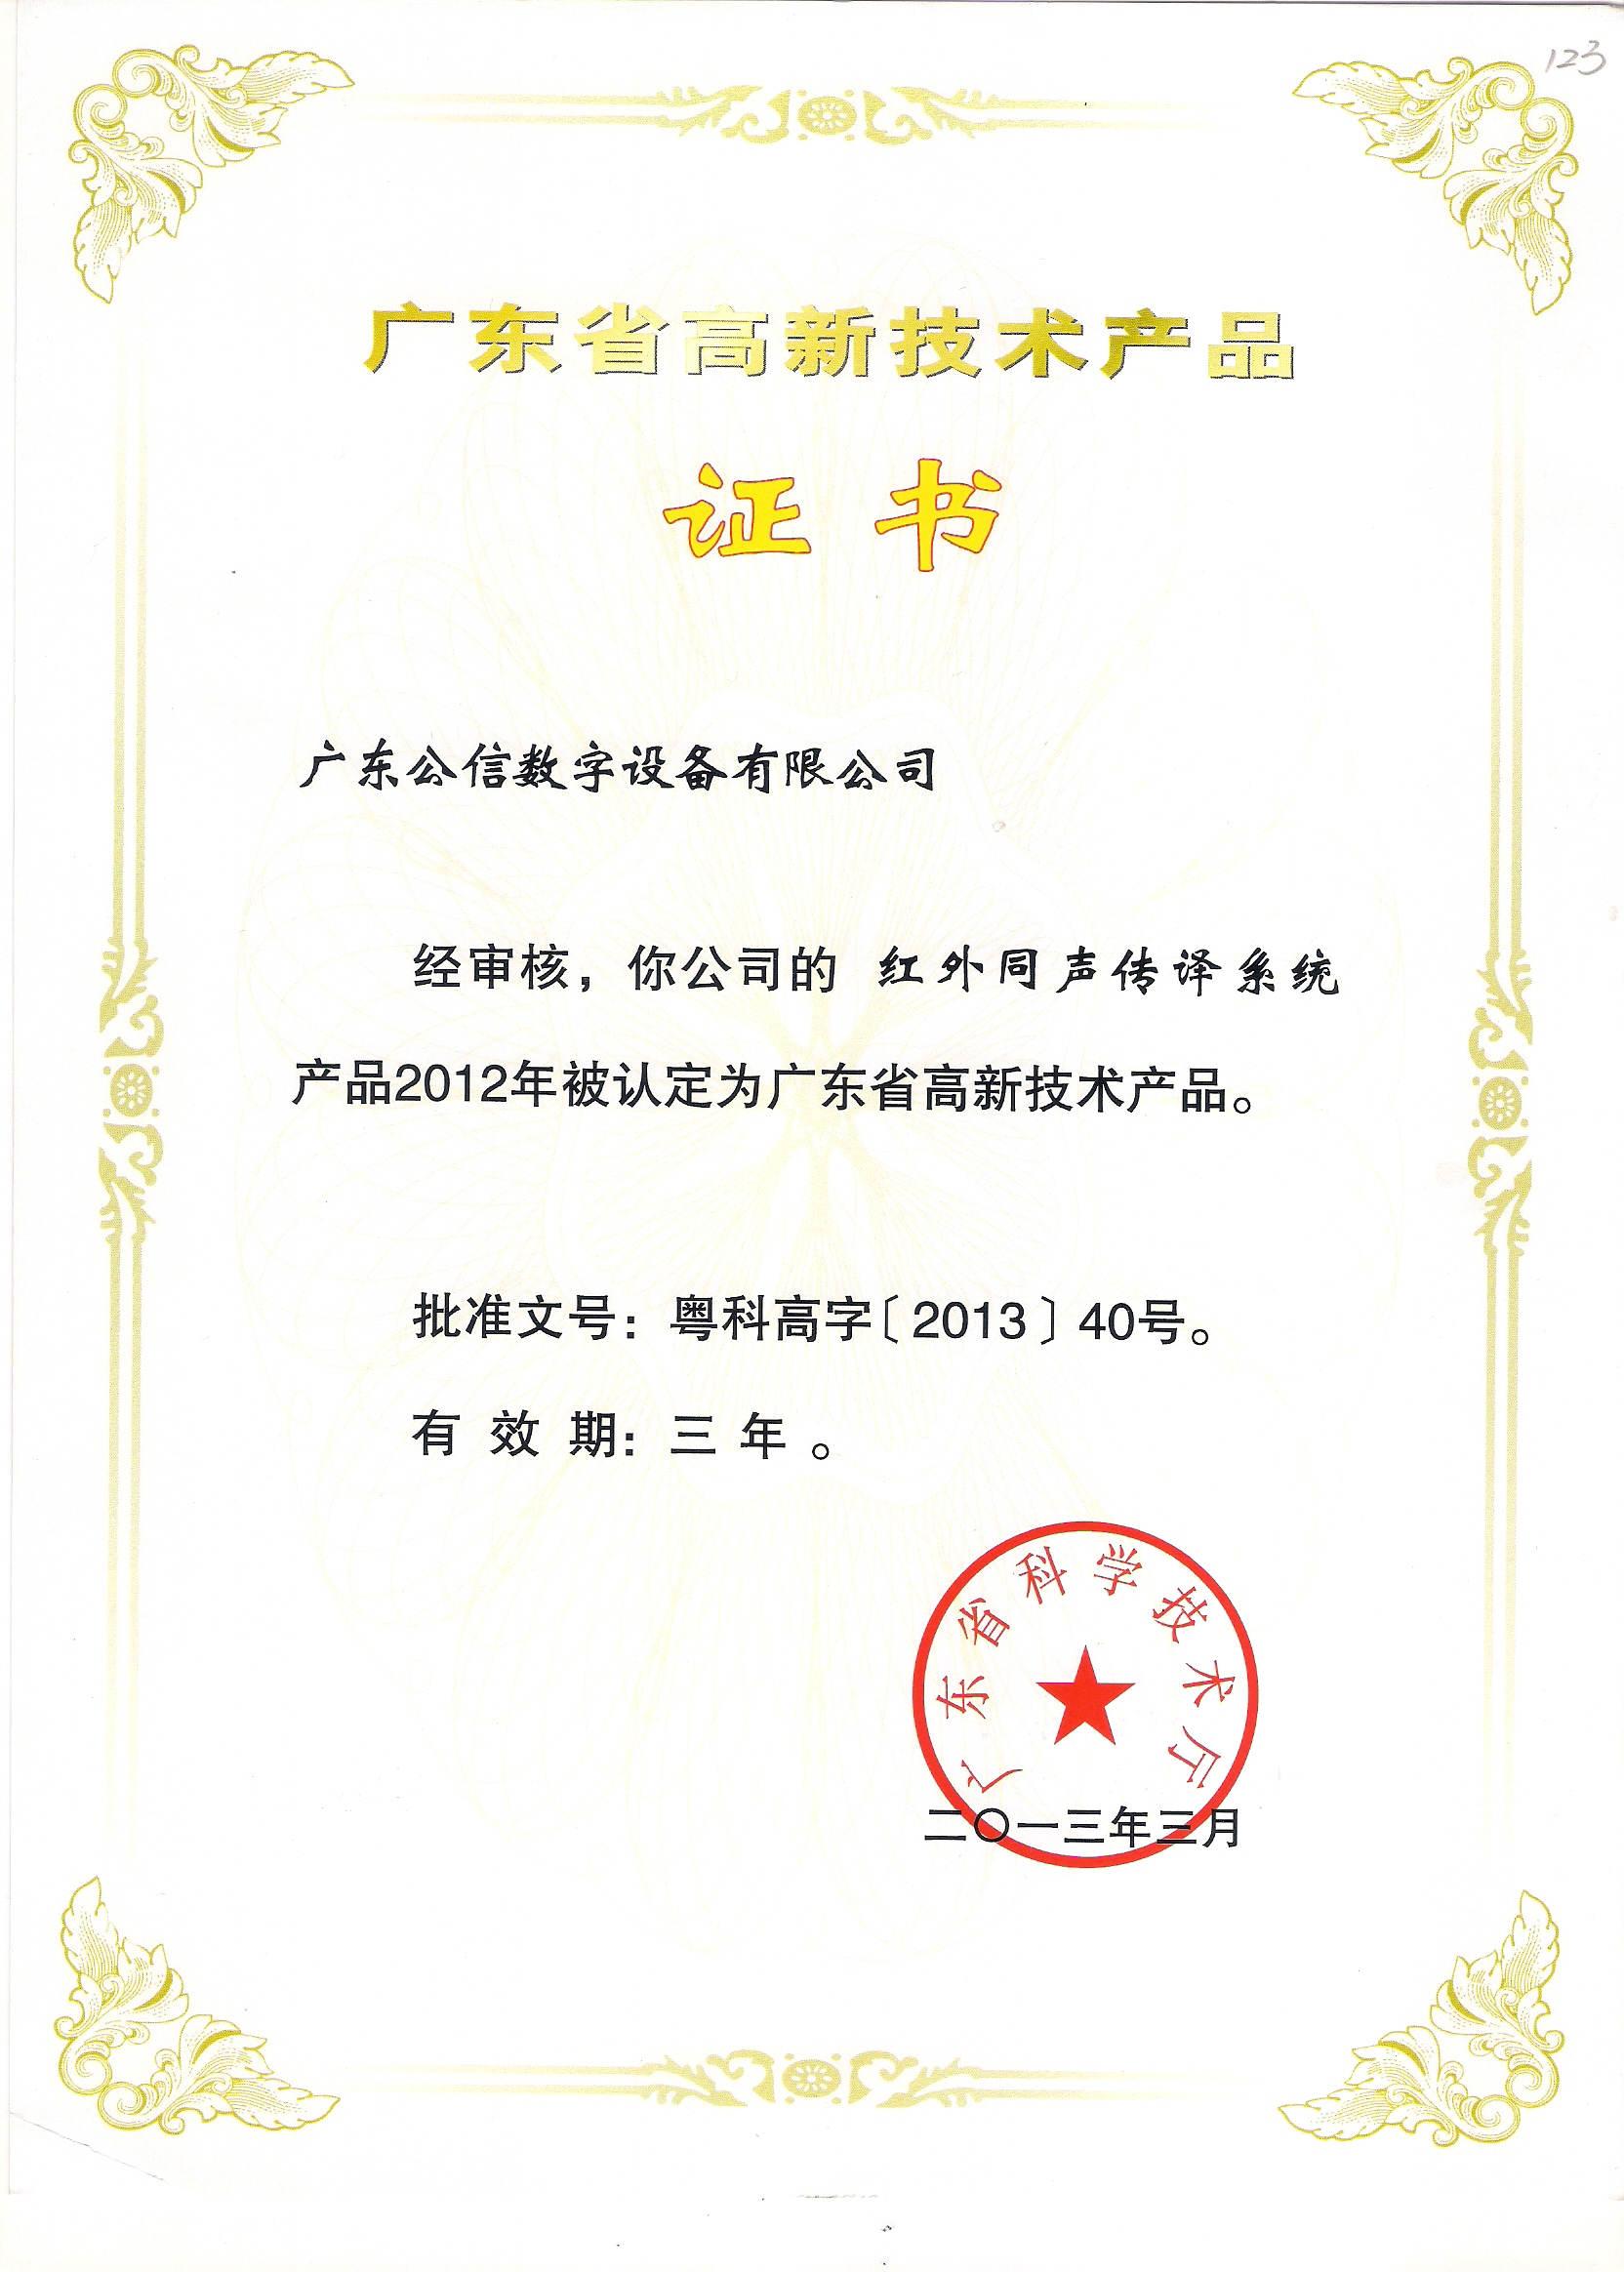 广东省高新技术产品-红外同声传译系统